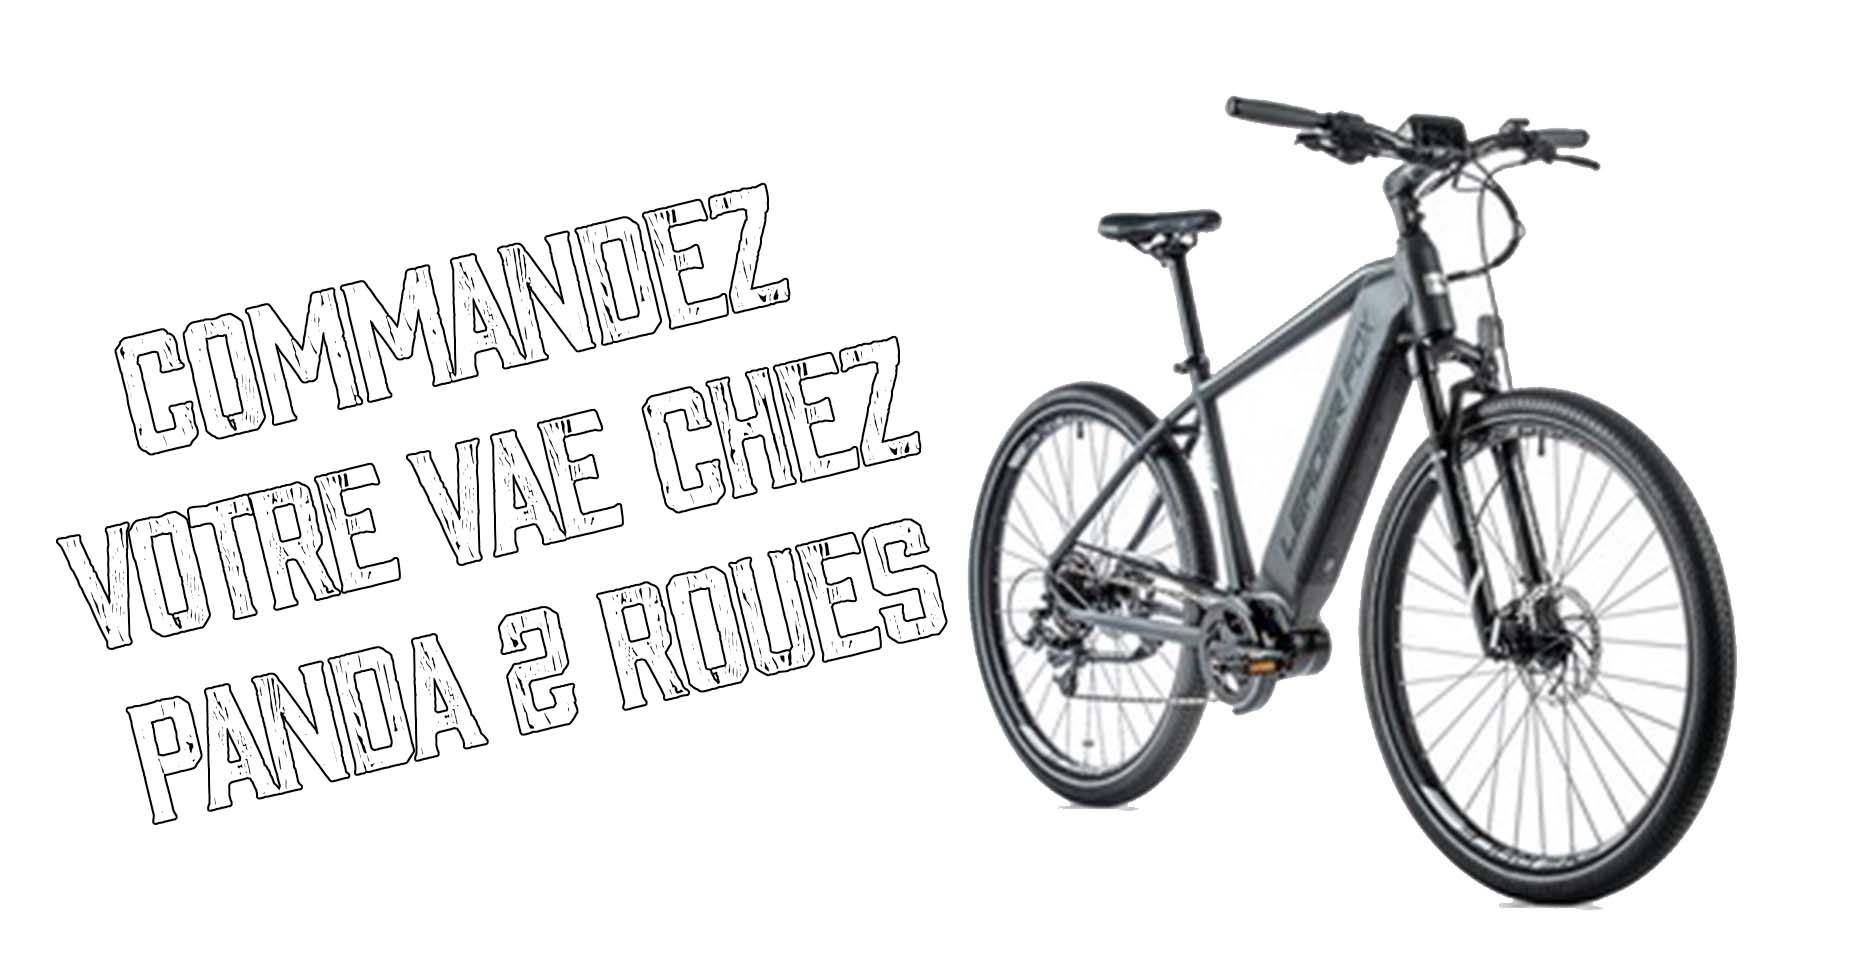 Commandez votre vélo électrique Leader Fox chez Panda 2 Roues !